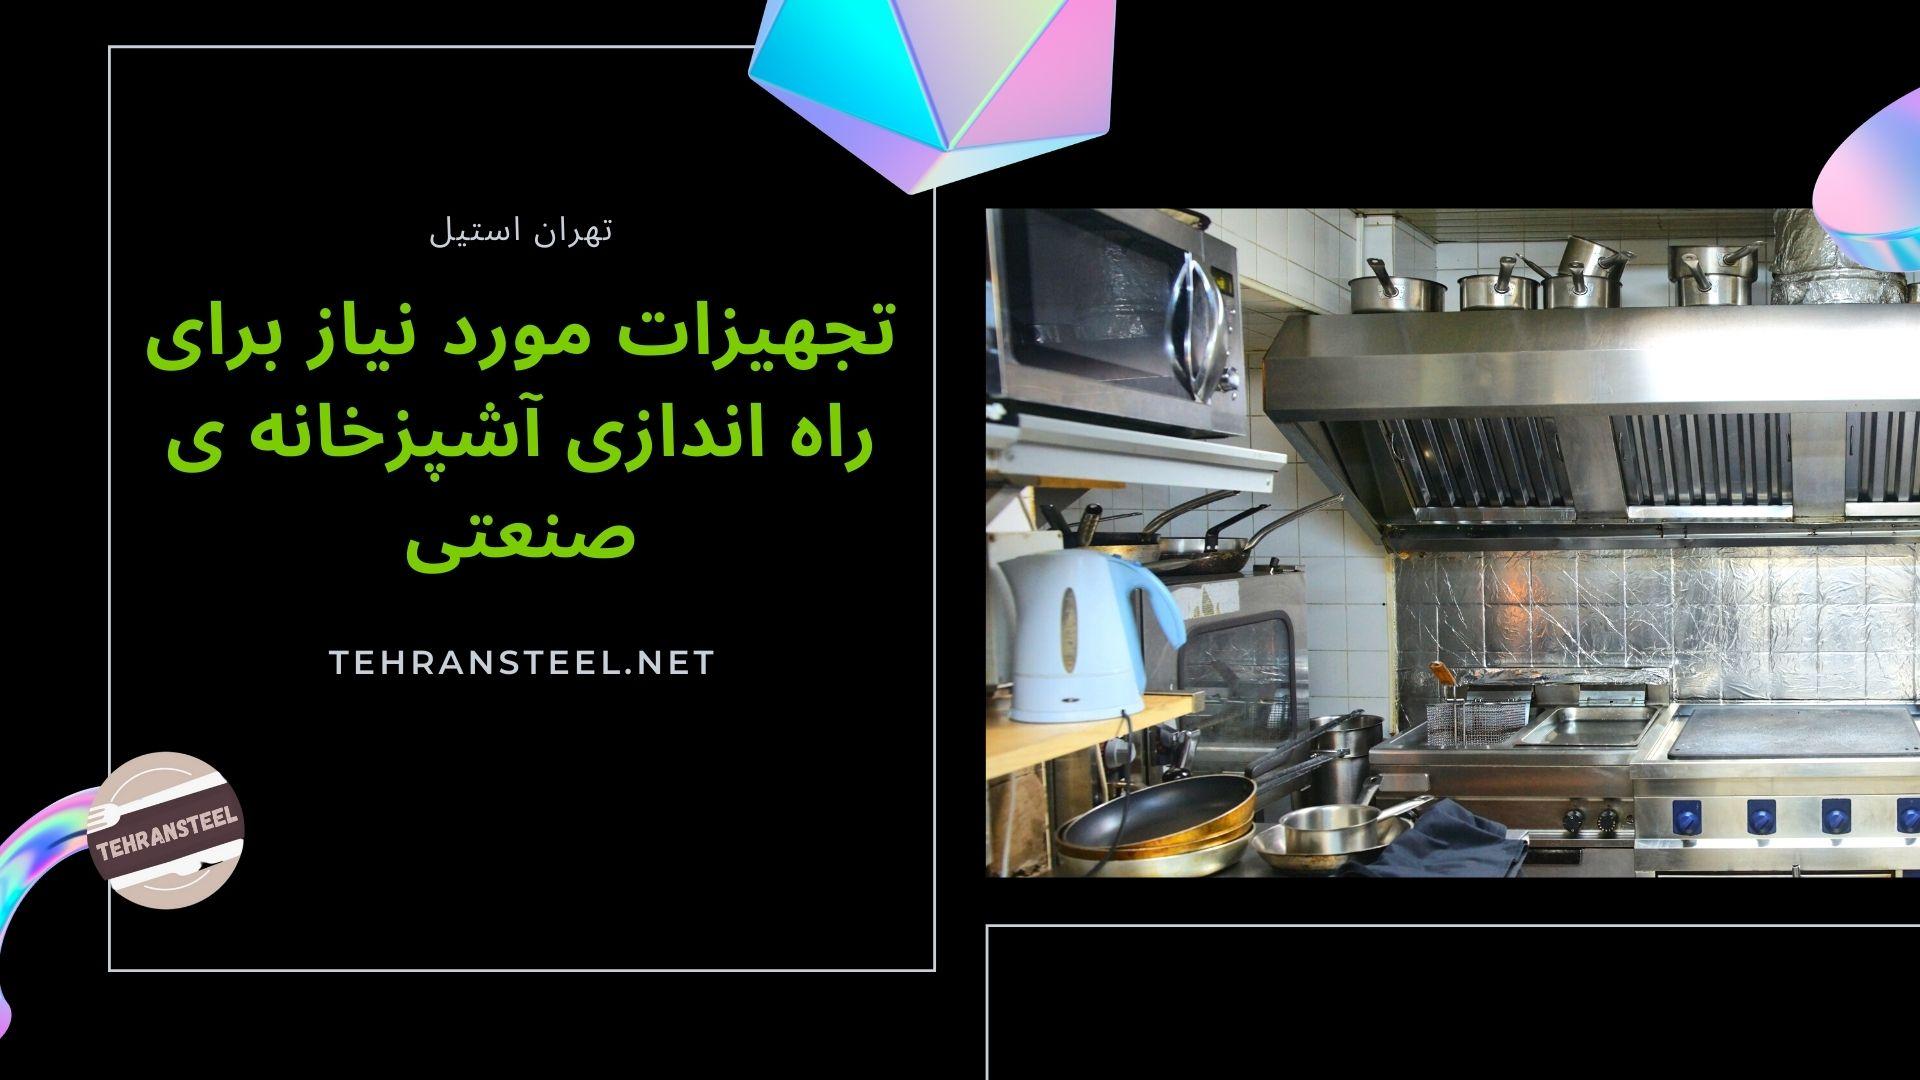 تجهیزات مورد نیاز برای راه اندازی آشپزخانه ی صنعتی